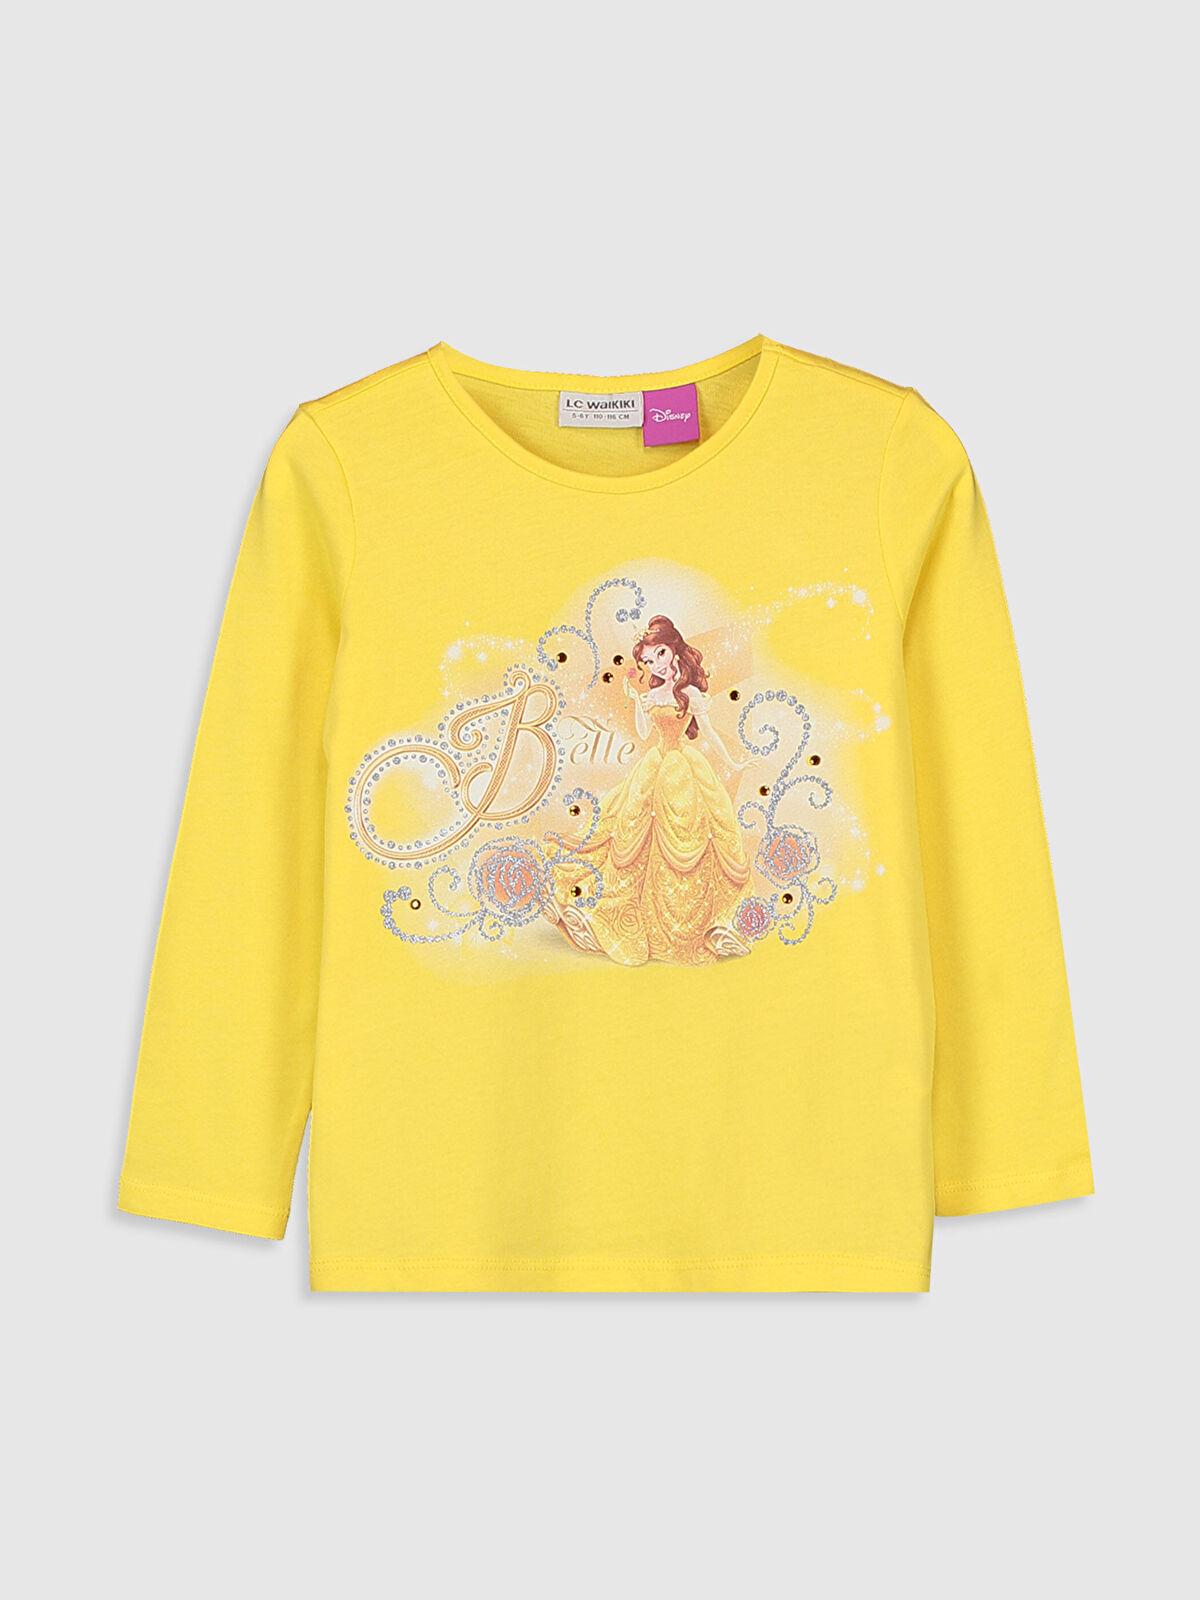 Kız Çocuk Bella Baskılı Pamuklu Tişört - LC WAIKIKI